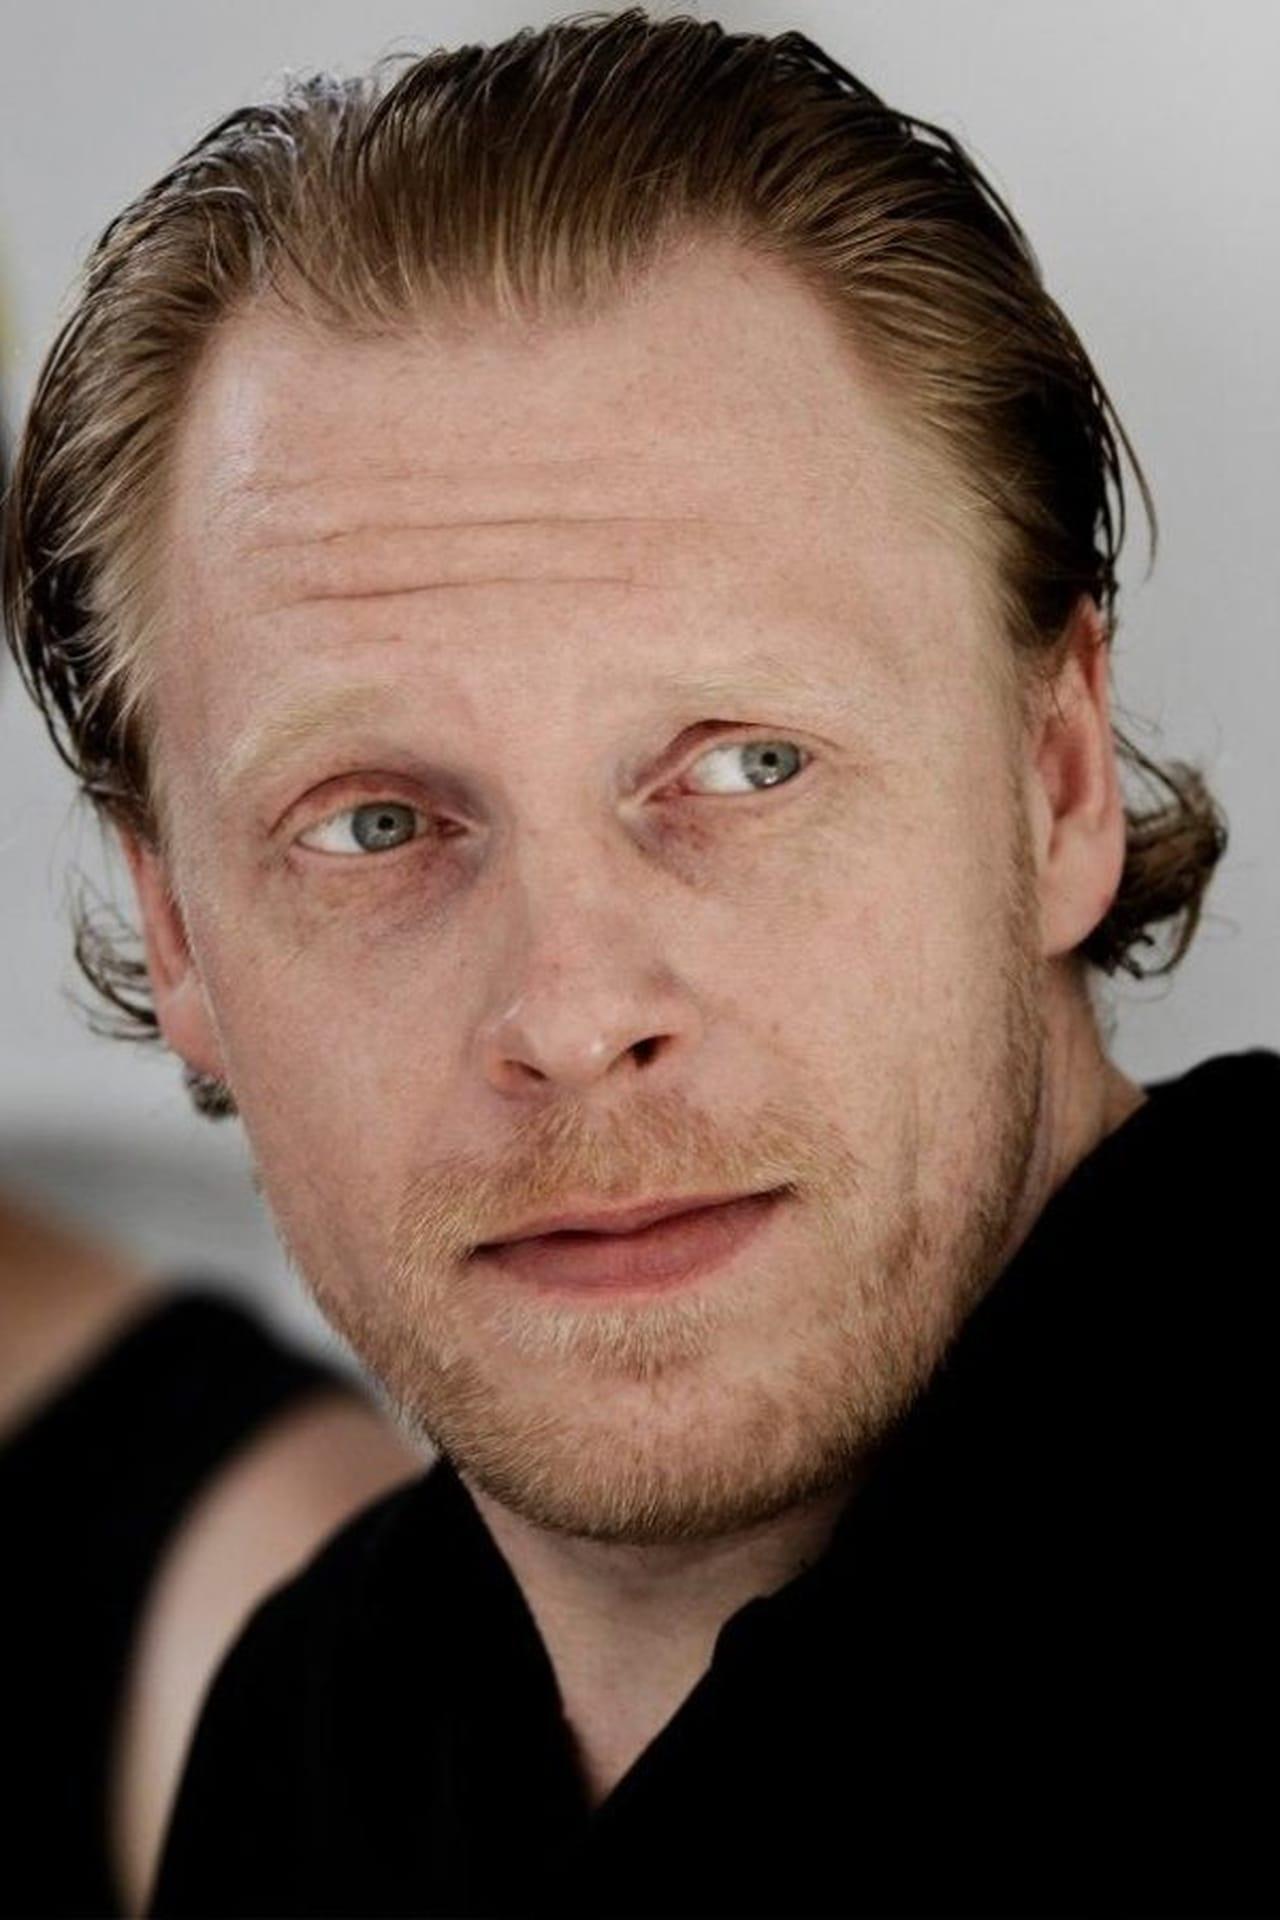 Kristian Høgh Jeppesen